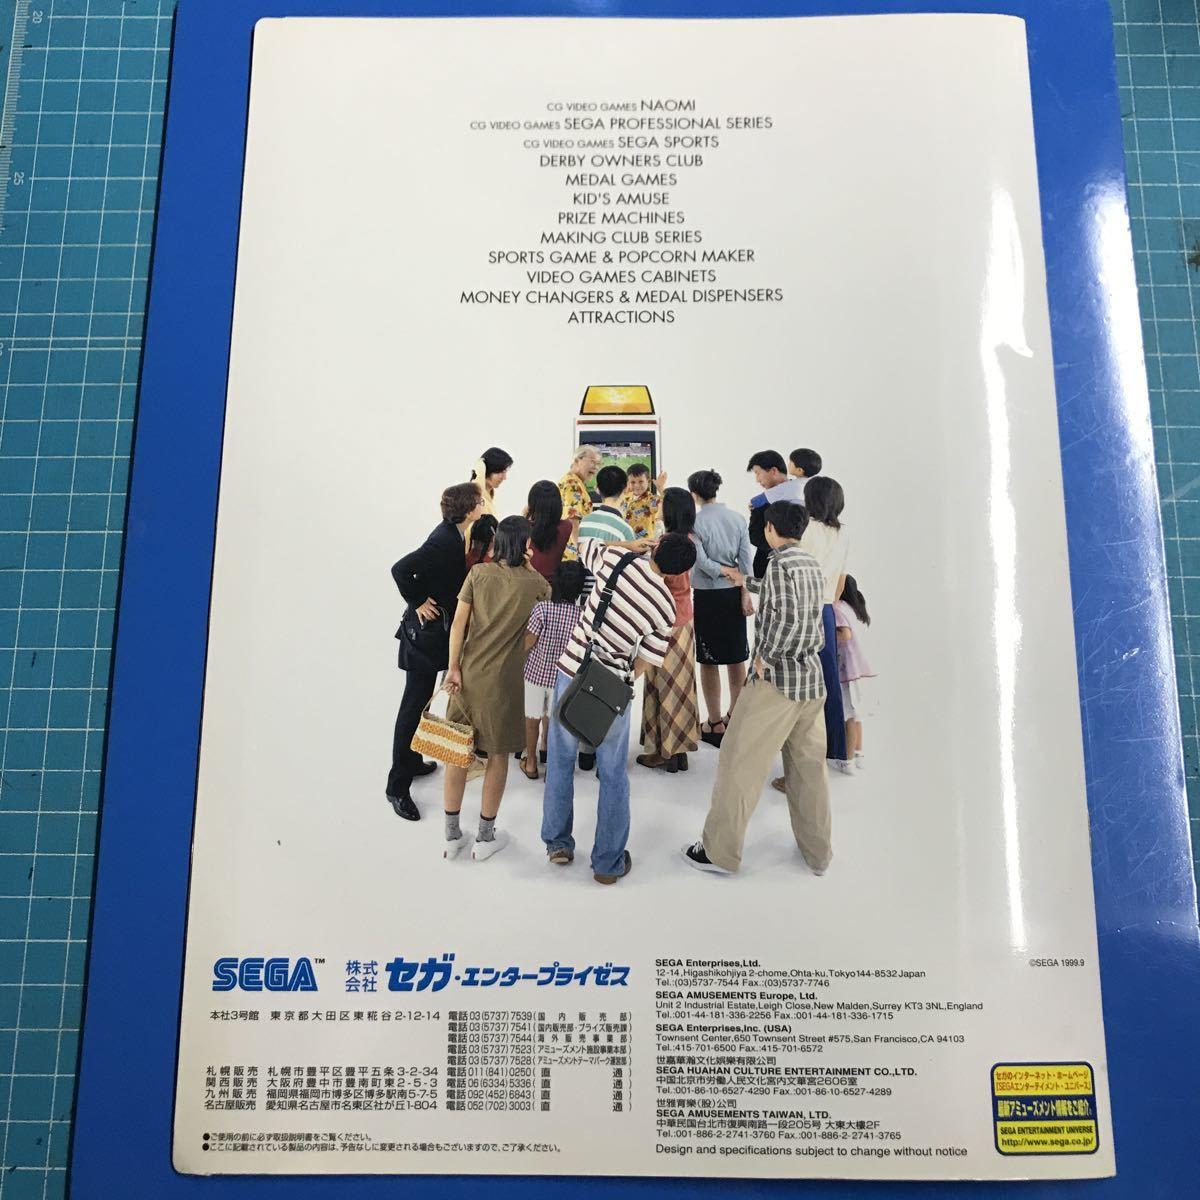 No.756 アーケードゲーム SEGA 1999年 アミューズメントマシン総合カタログ 全26ページ 業務用 非売品 カタログ セガ_画像10